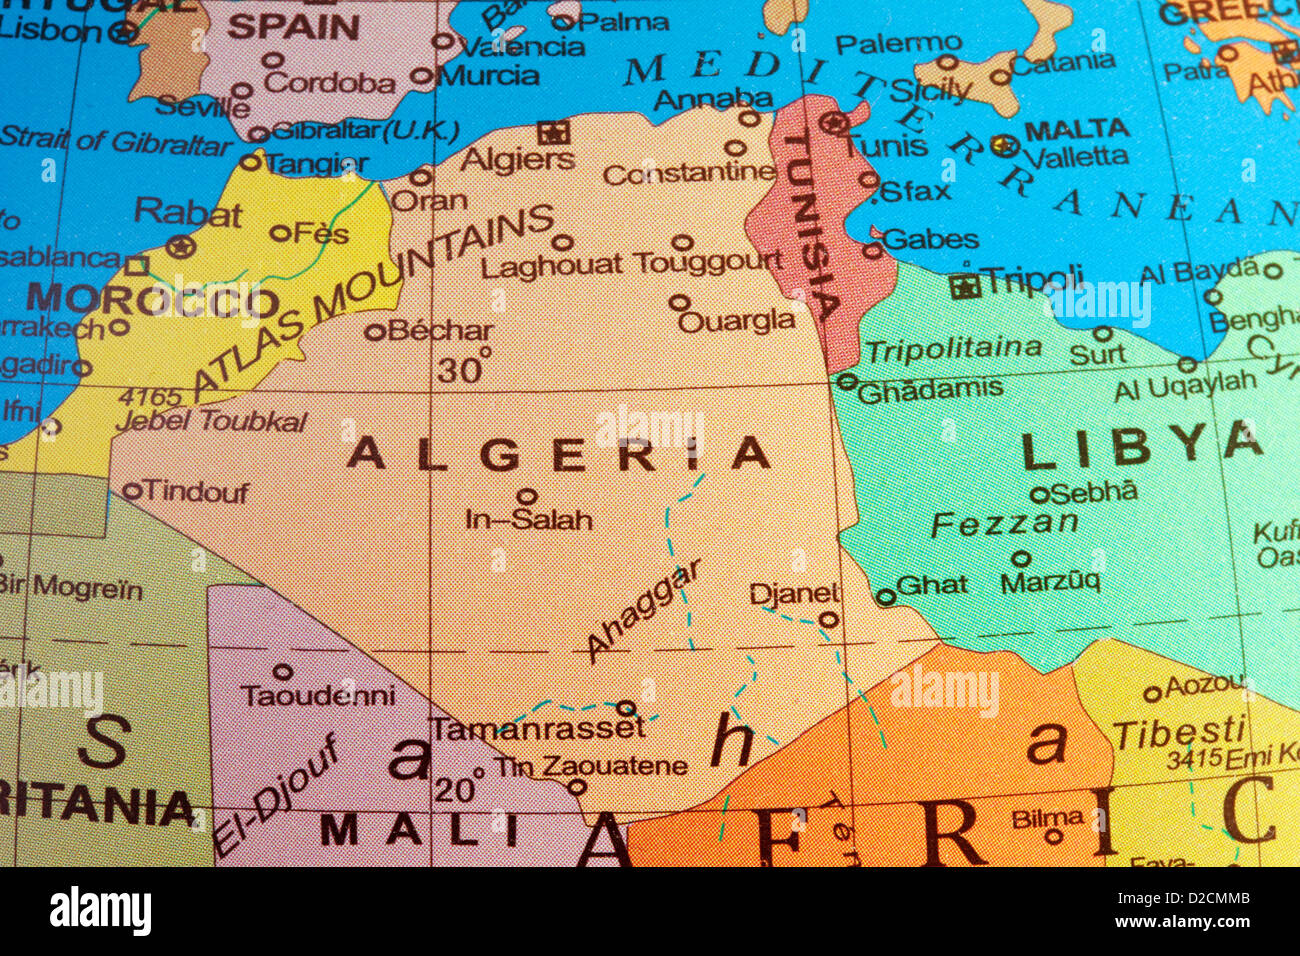 Una mappa di Algeria e Nord Africa su un globo Immagini Stock